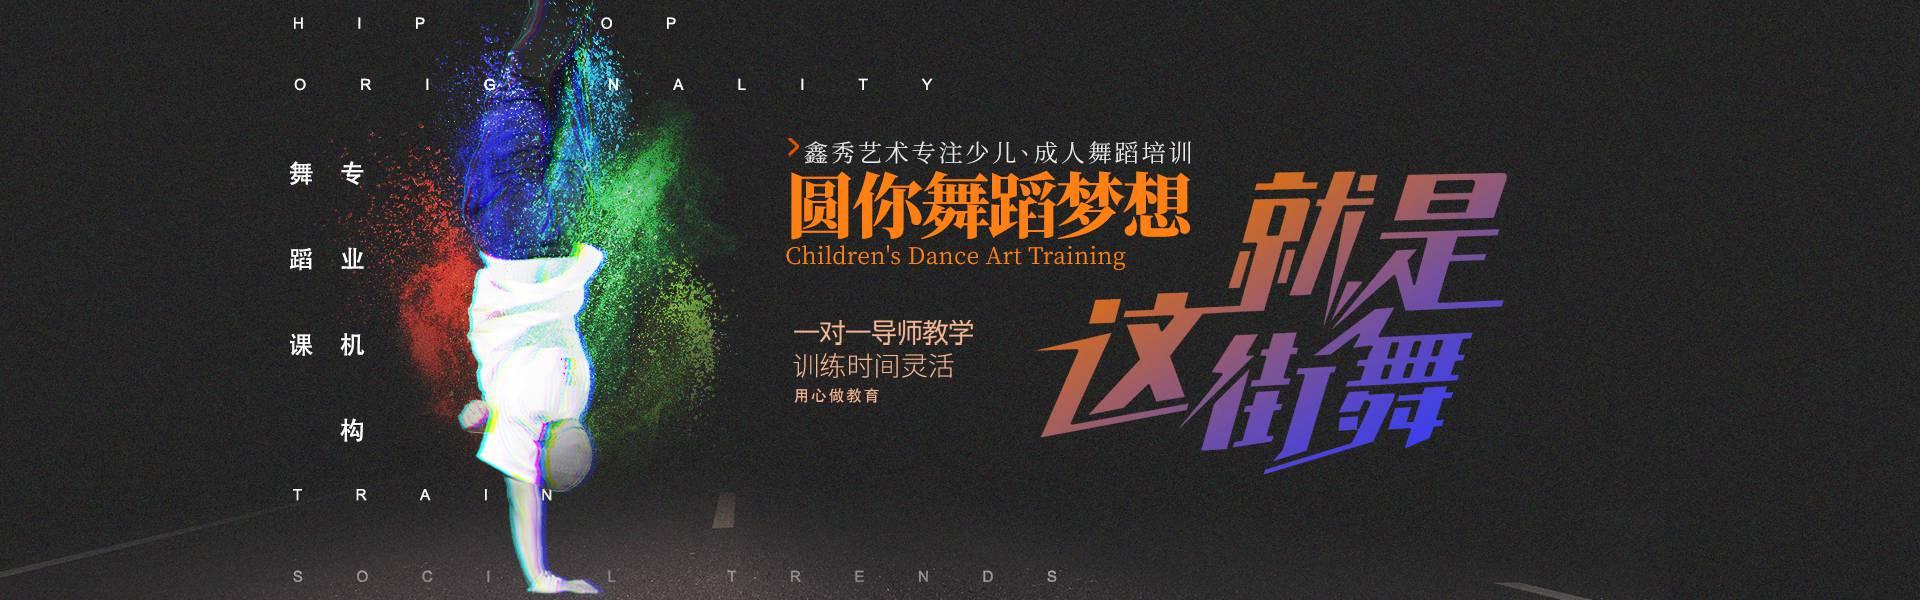 重庆舞蹈培训加盟学校